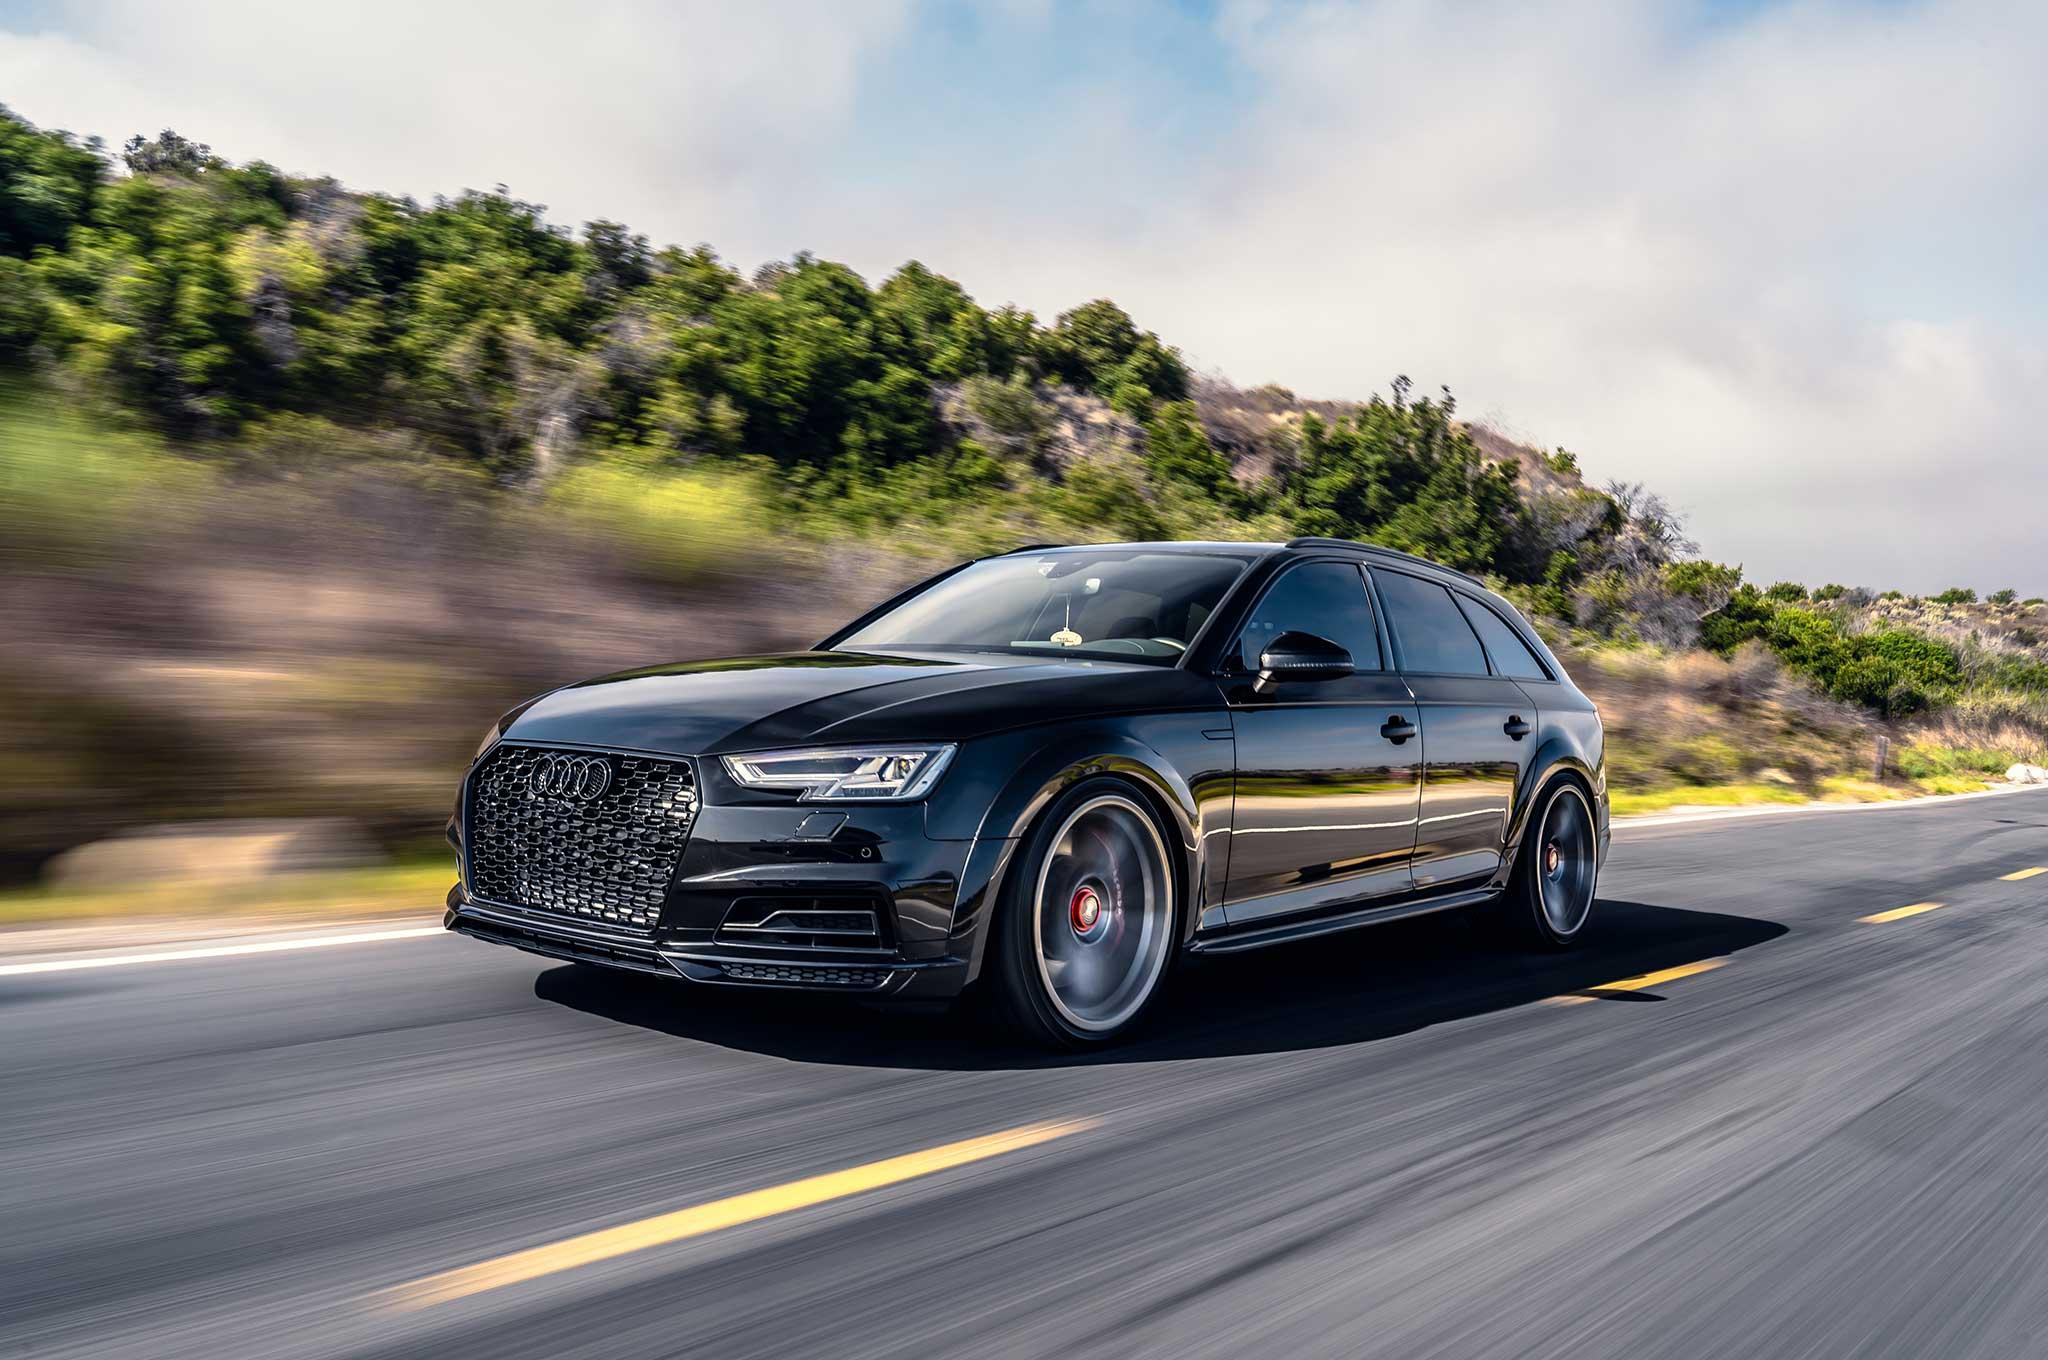 Kelebihan Kekurangan Audi Allroad 2018 Harga